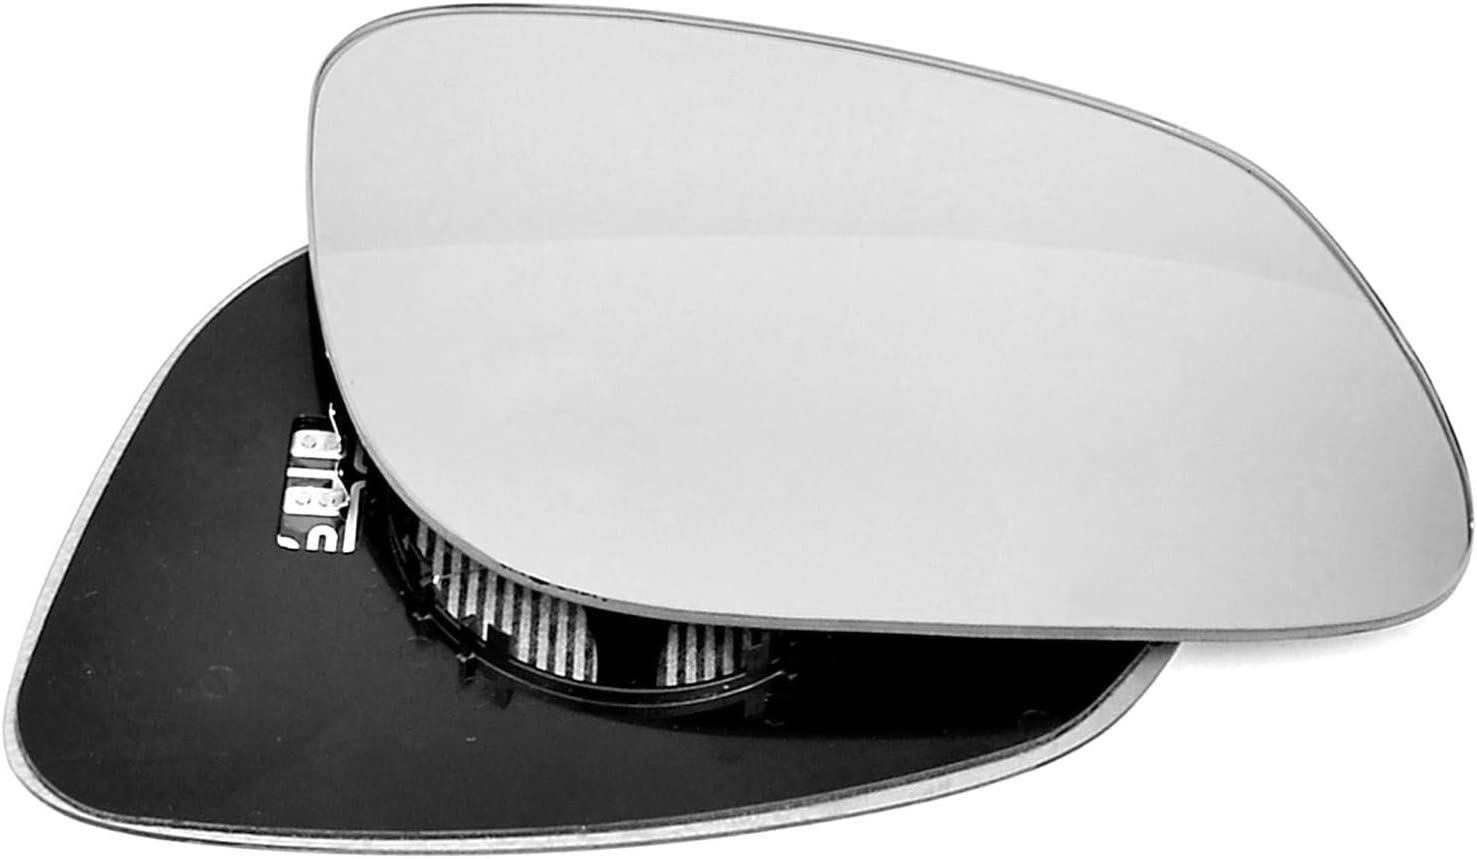 pilote c/ôt/é droit chauff/ée Wing Porte Miroir Argent/é en verre avec dos plaque # C-shy//R-pece02/ /à clipser